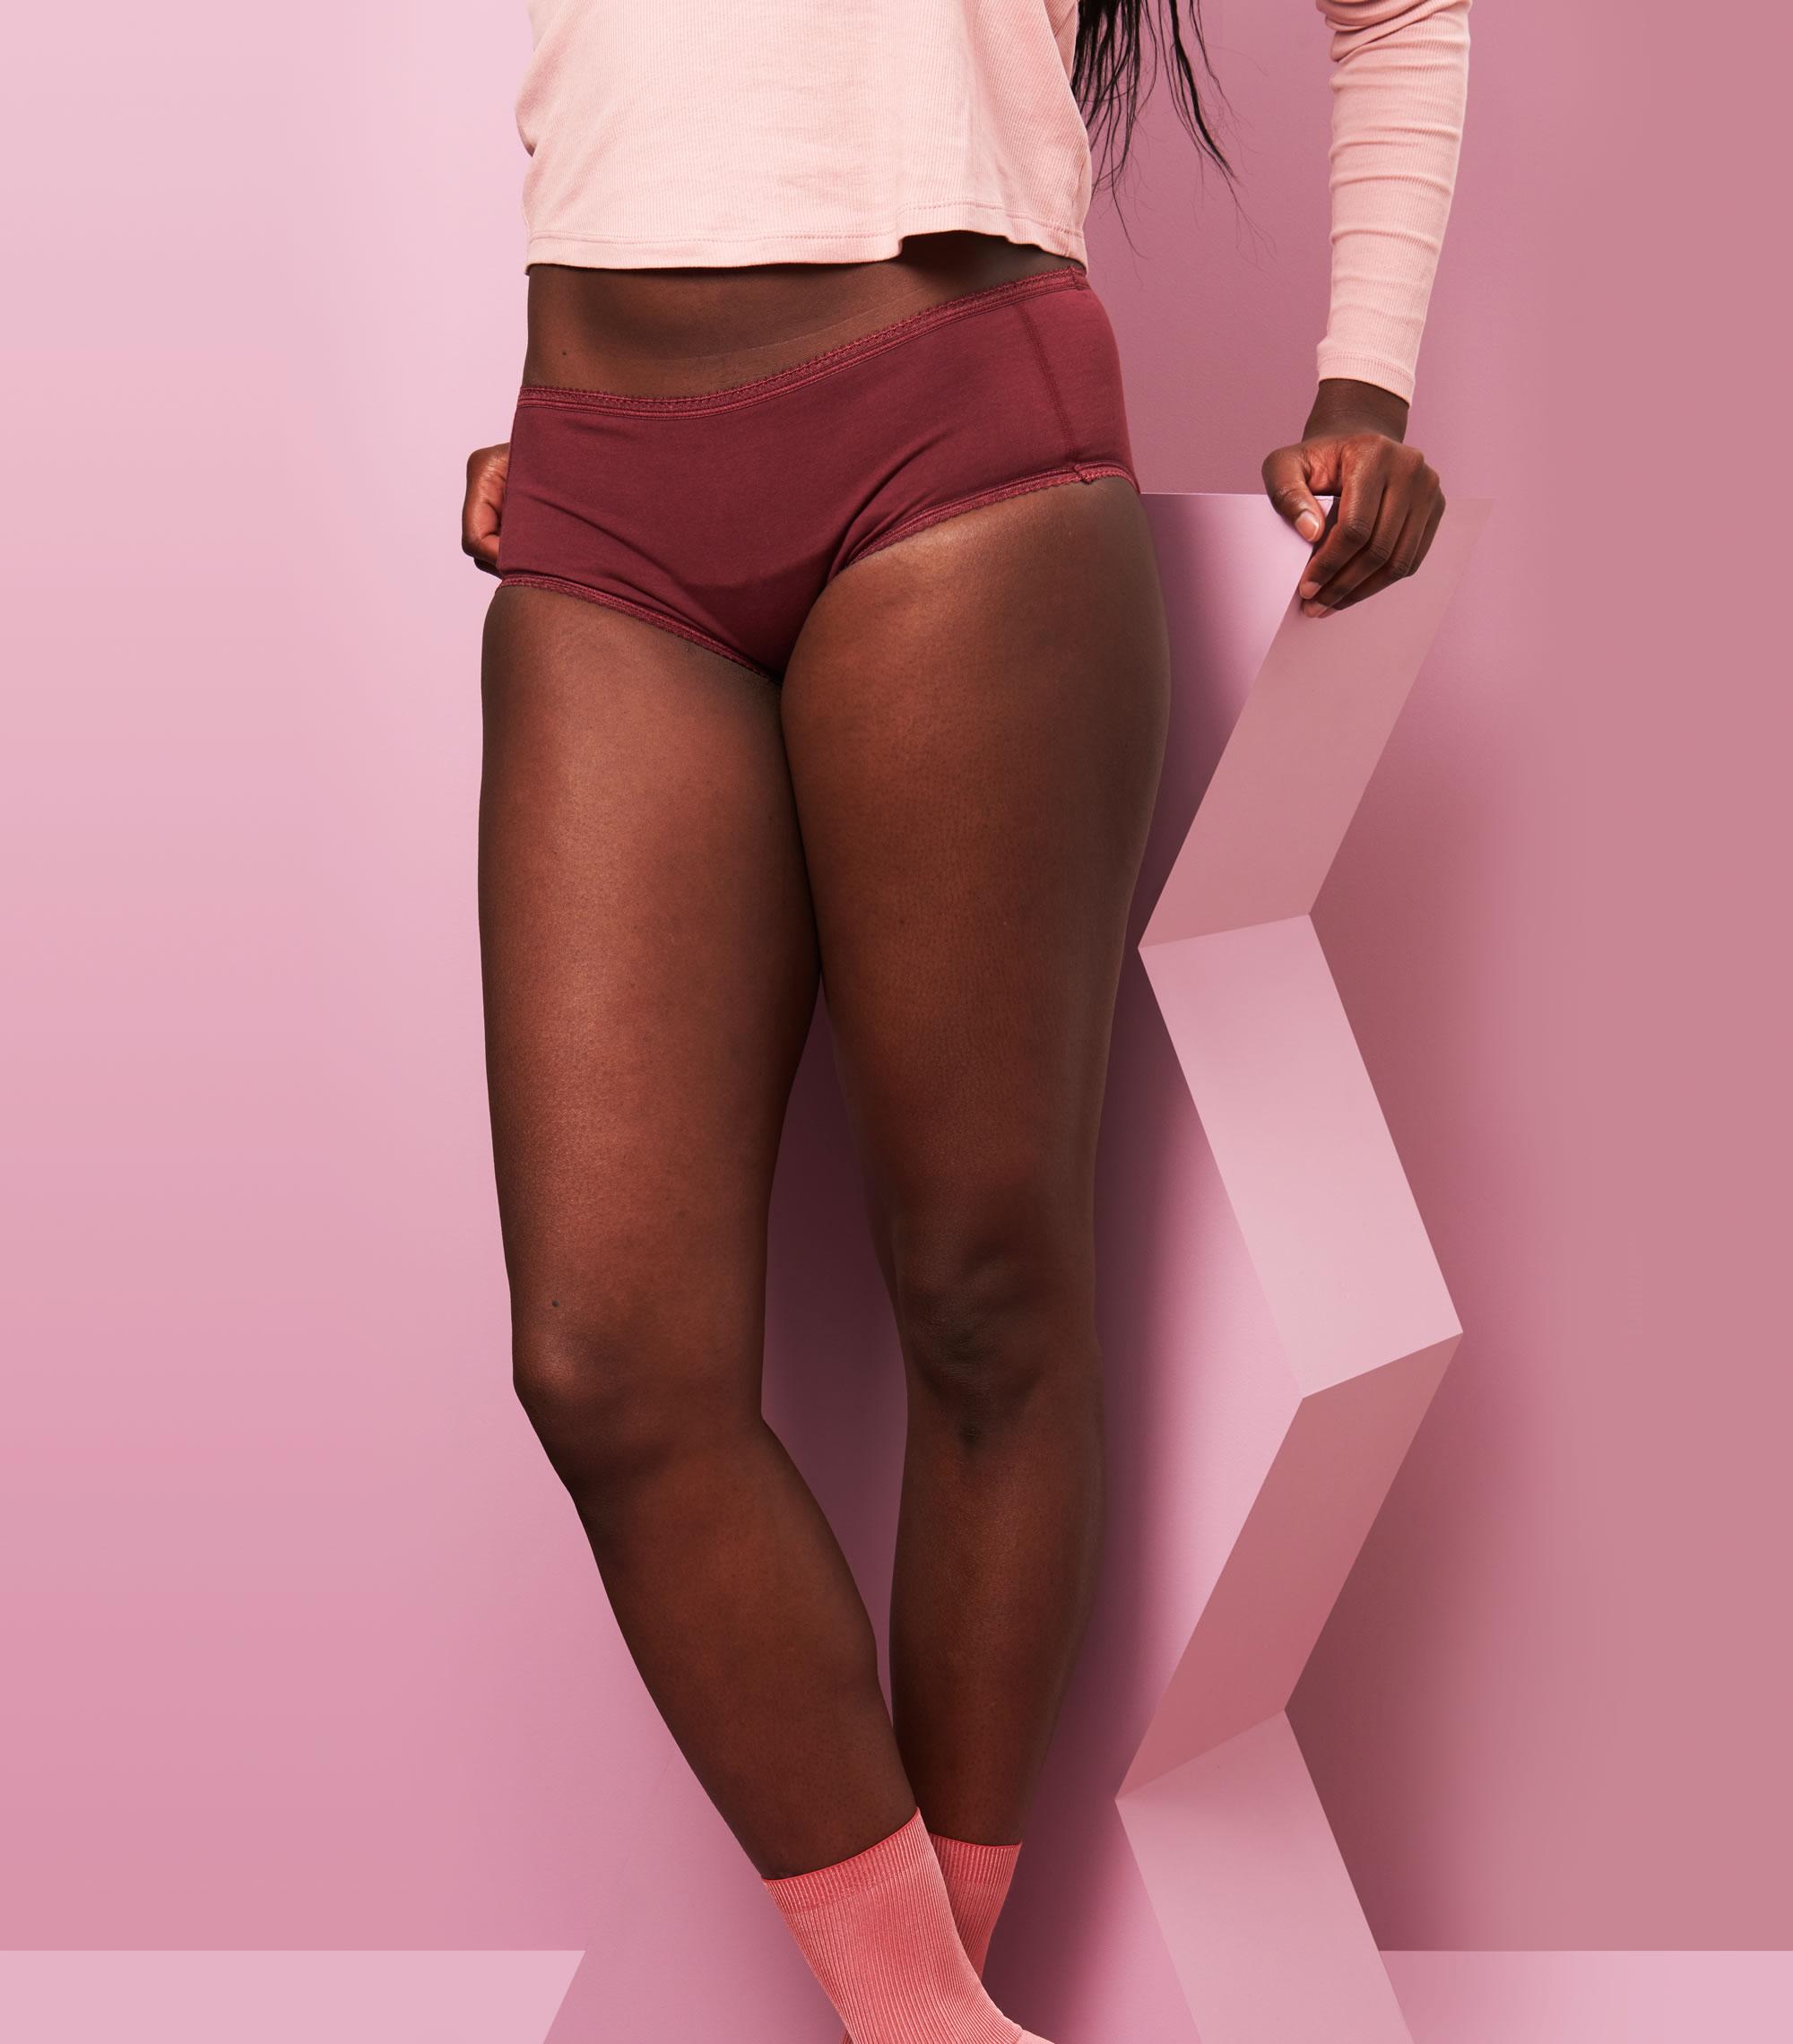 shorty menstruel uni bordeaux taille S pour flux normal - adossée